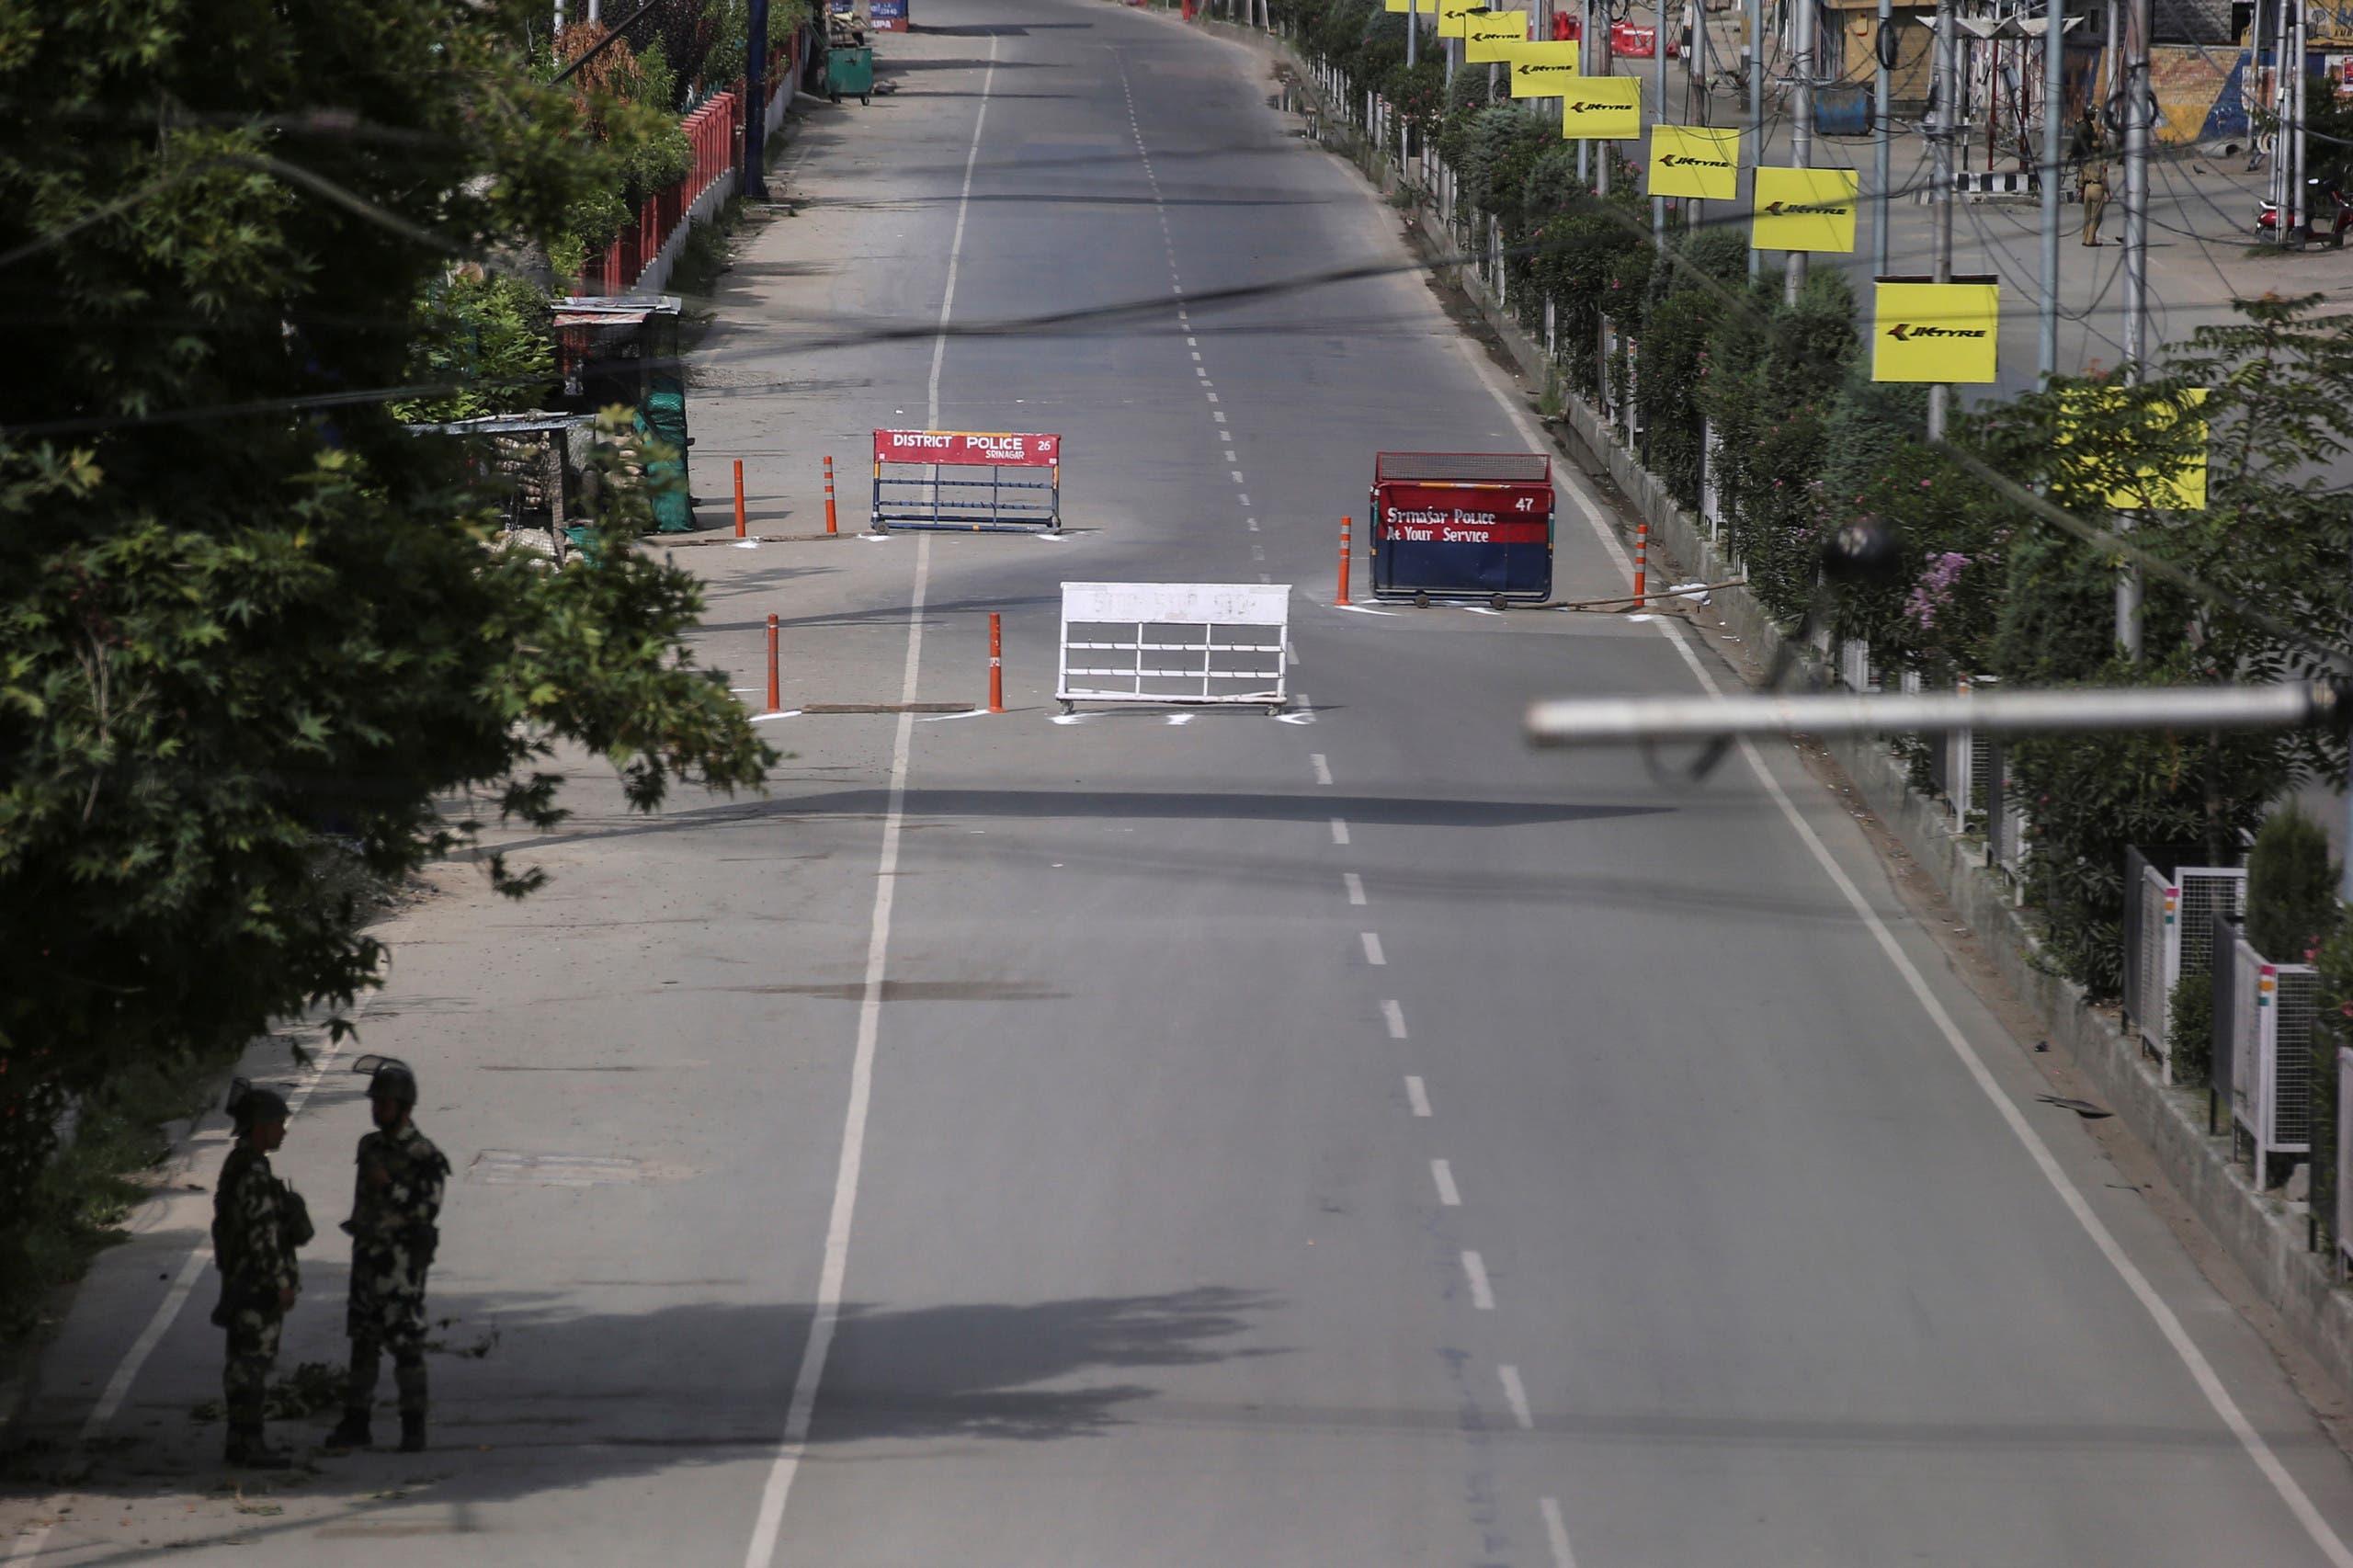 شارع فارغ وحواجز أمنية في أكبر مدن إقليم كشمير